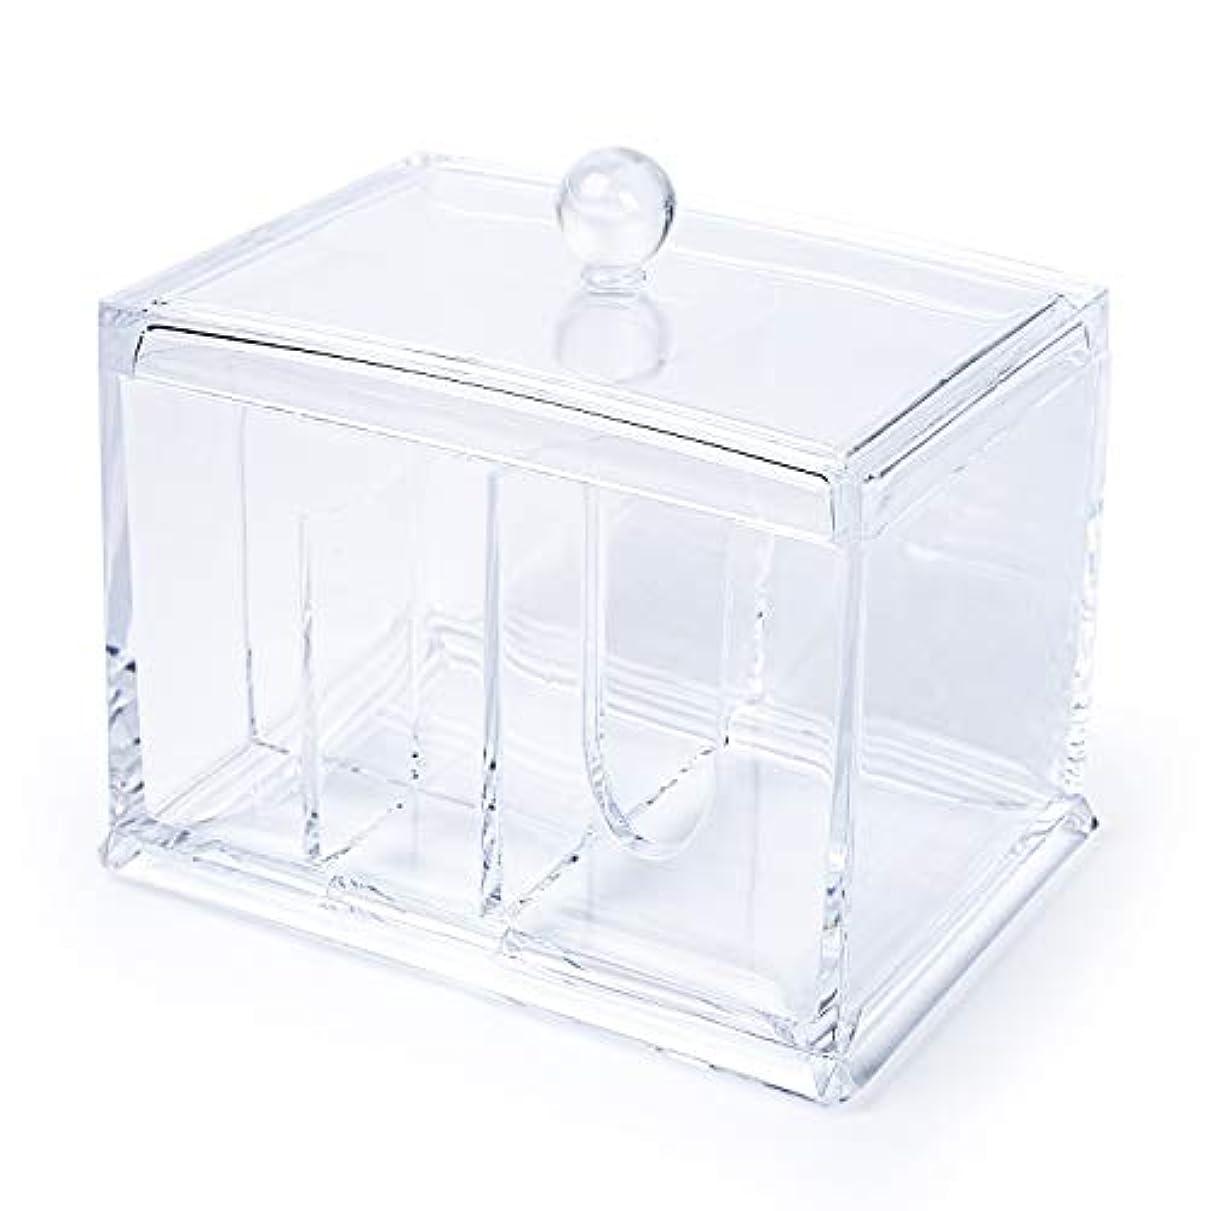 背が高い前奏曲解明ELOKI 収納ボックス アクリルケース 収納ボックス 綿棒 小物?コスメ小物用品収納 ジュエリーボックス アクセサリー 透明 防塵?蓋付き アクリル製